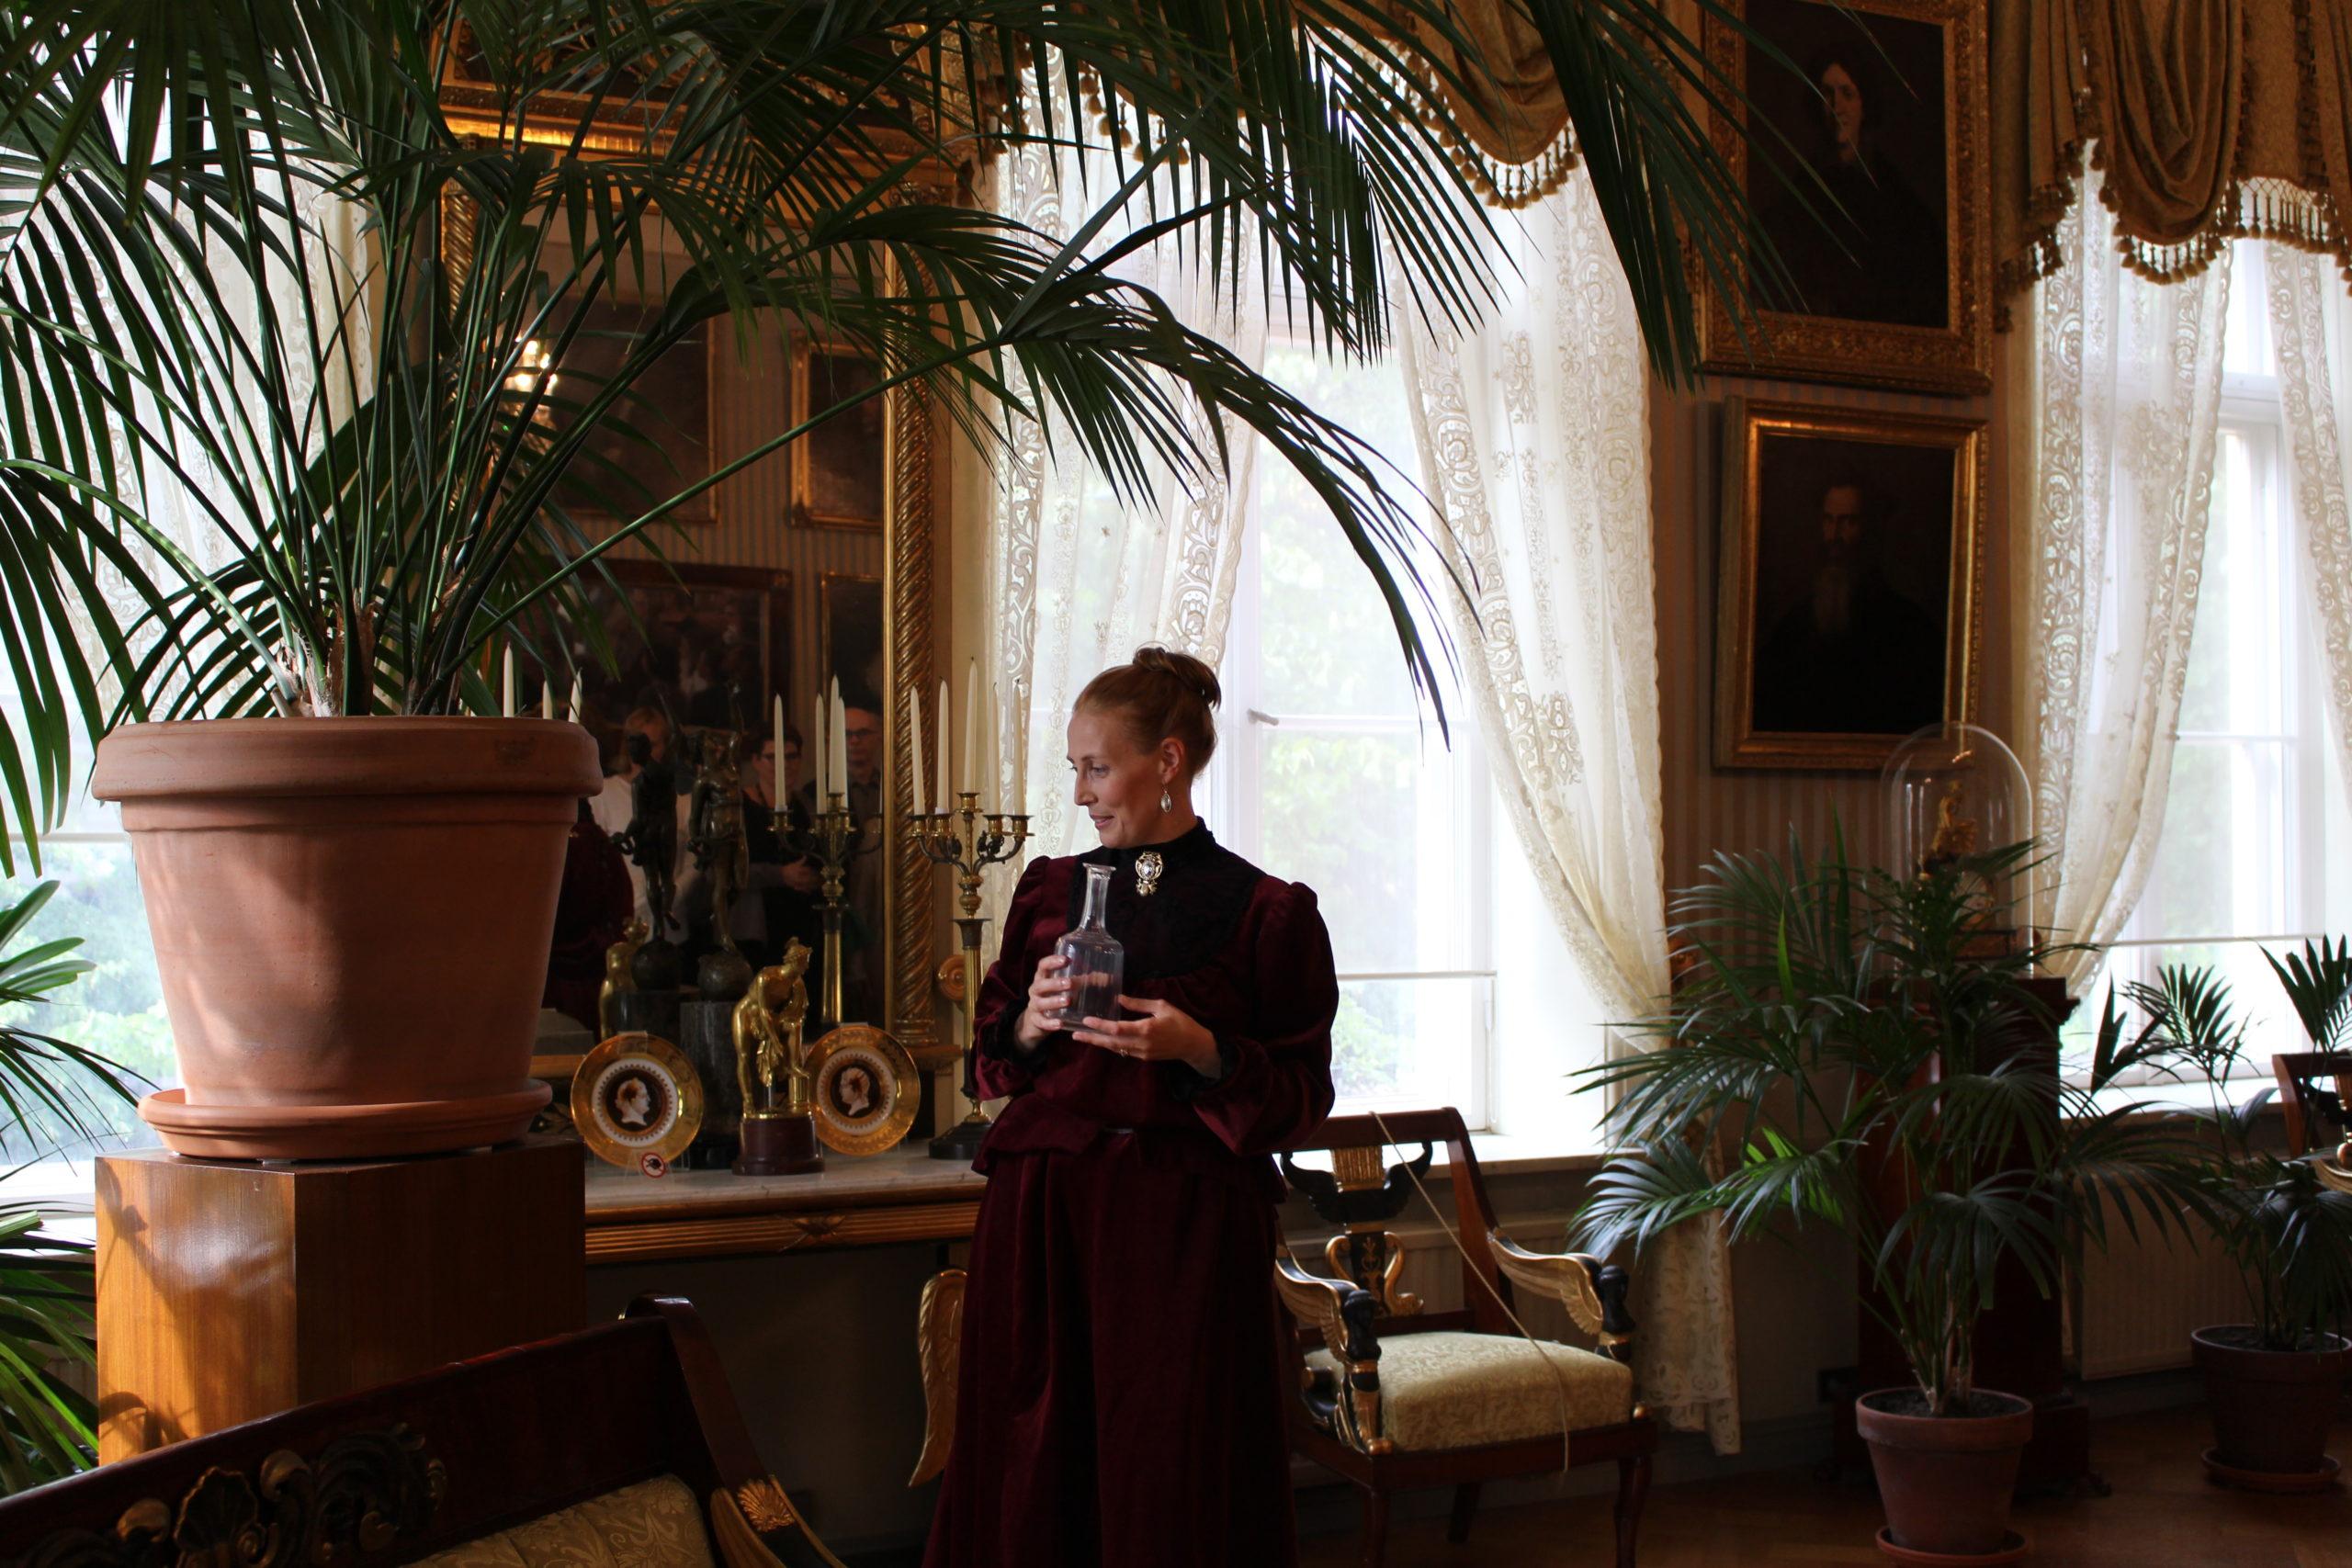 nainen historiallisessa asussa Sinebrychoffin kotimuseossa